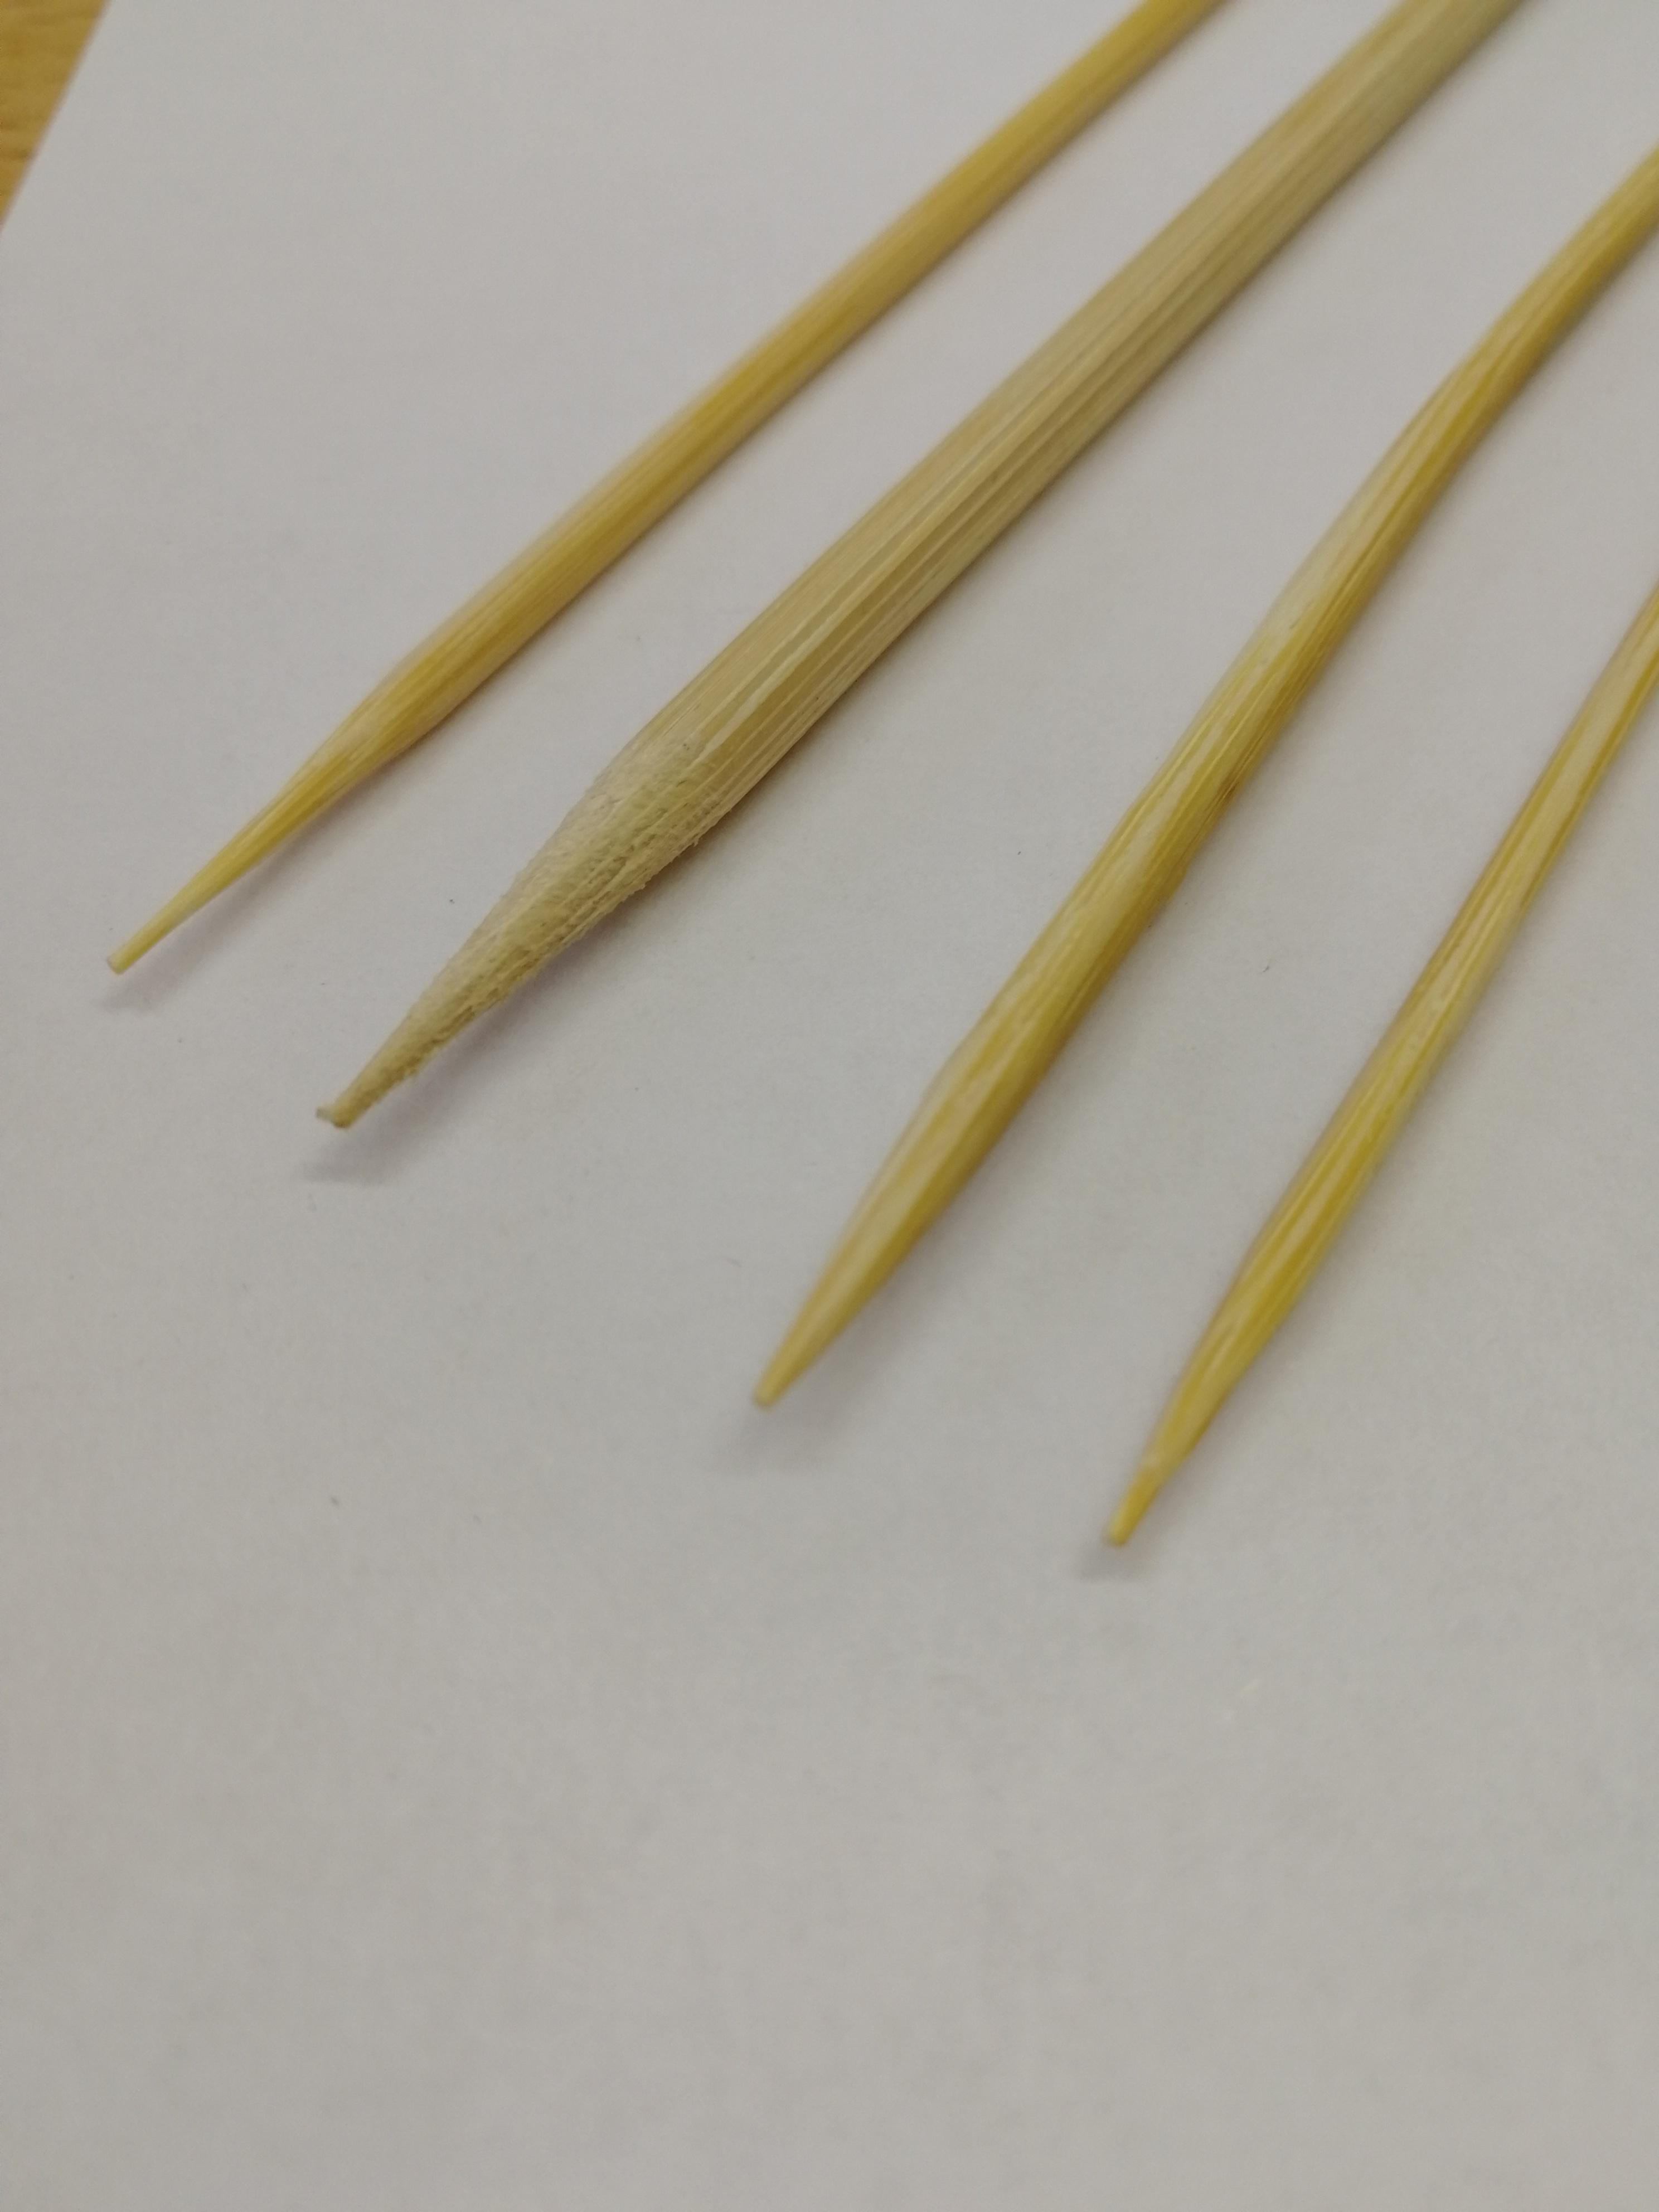 Бамбуковые шпажки разной толщины